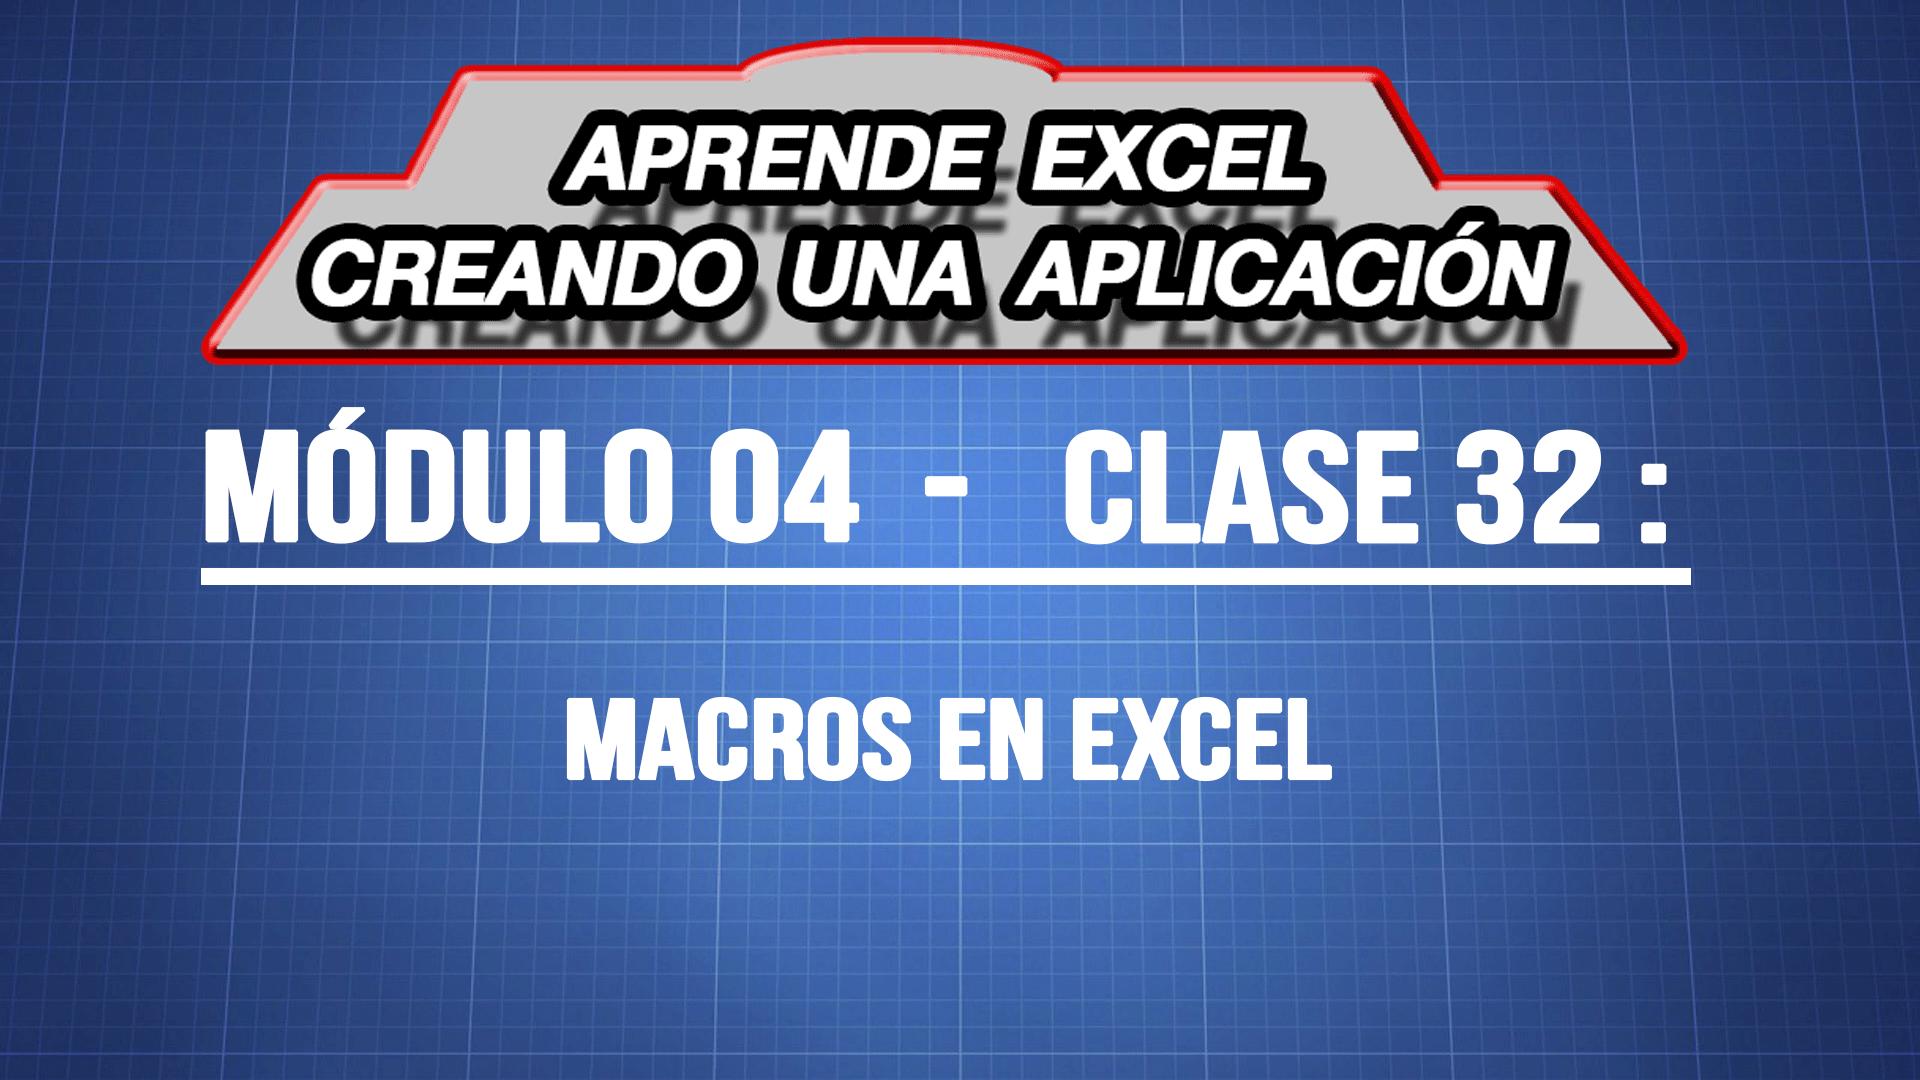 Macros en Excel para automatizar tus tareas  - ExpertoDigital.Net